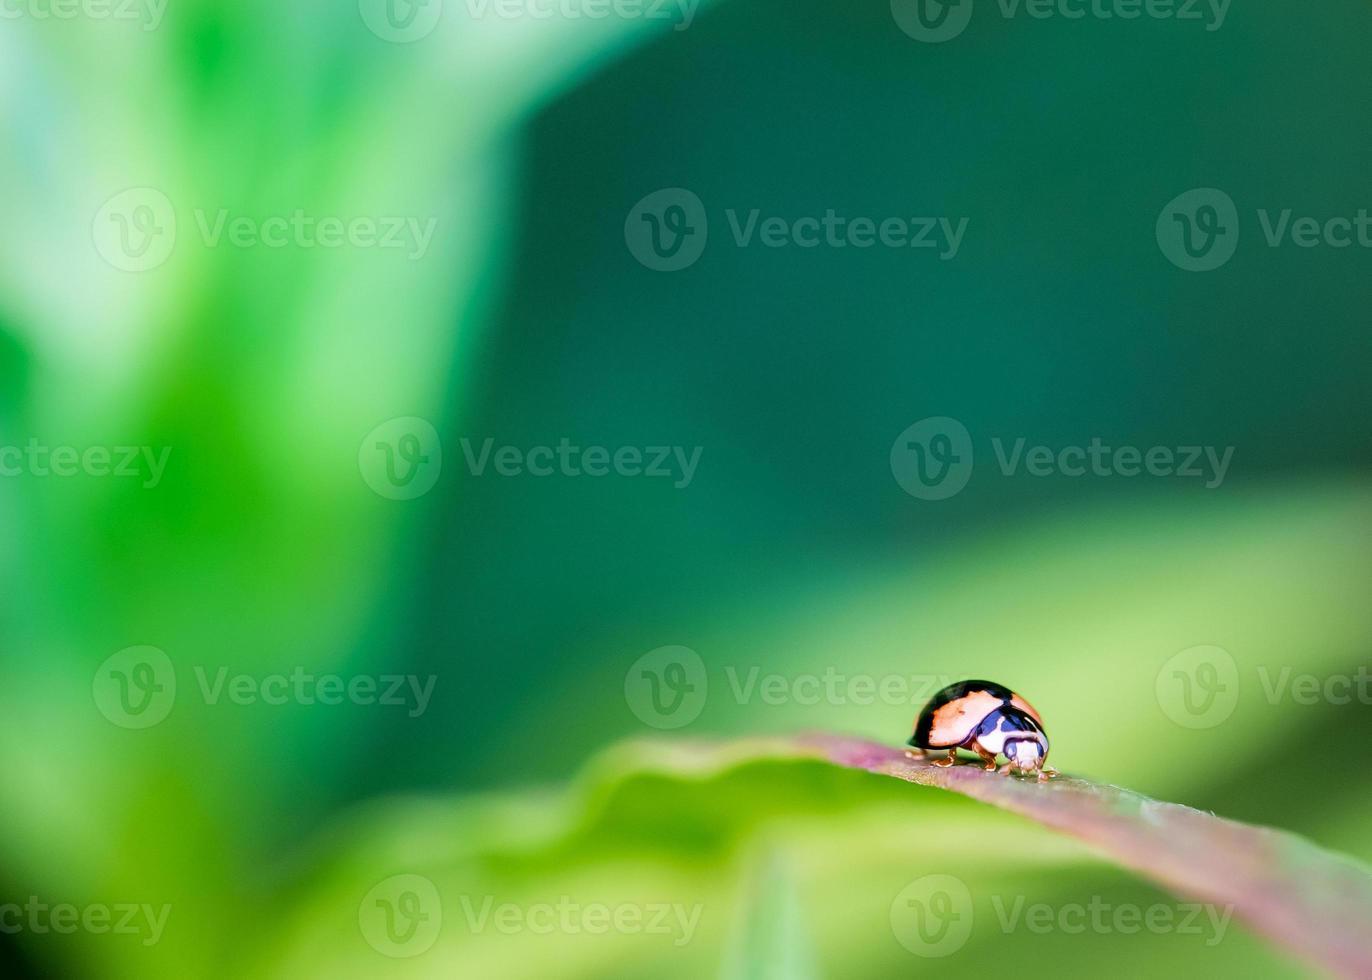 lieveheersbeestje in natuurlijk foto